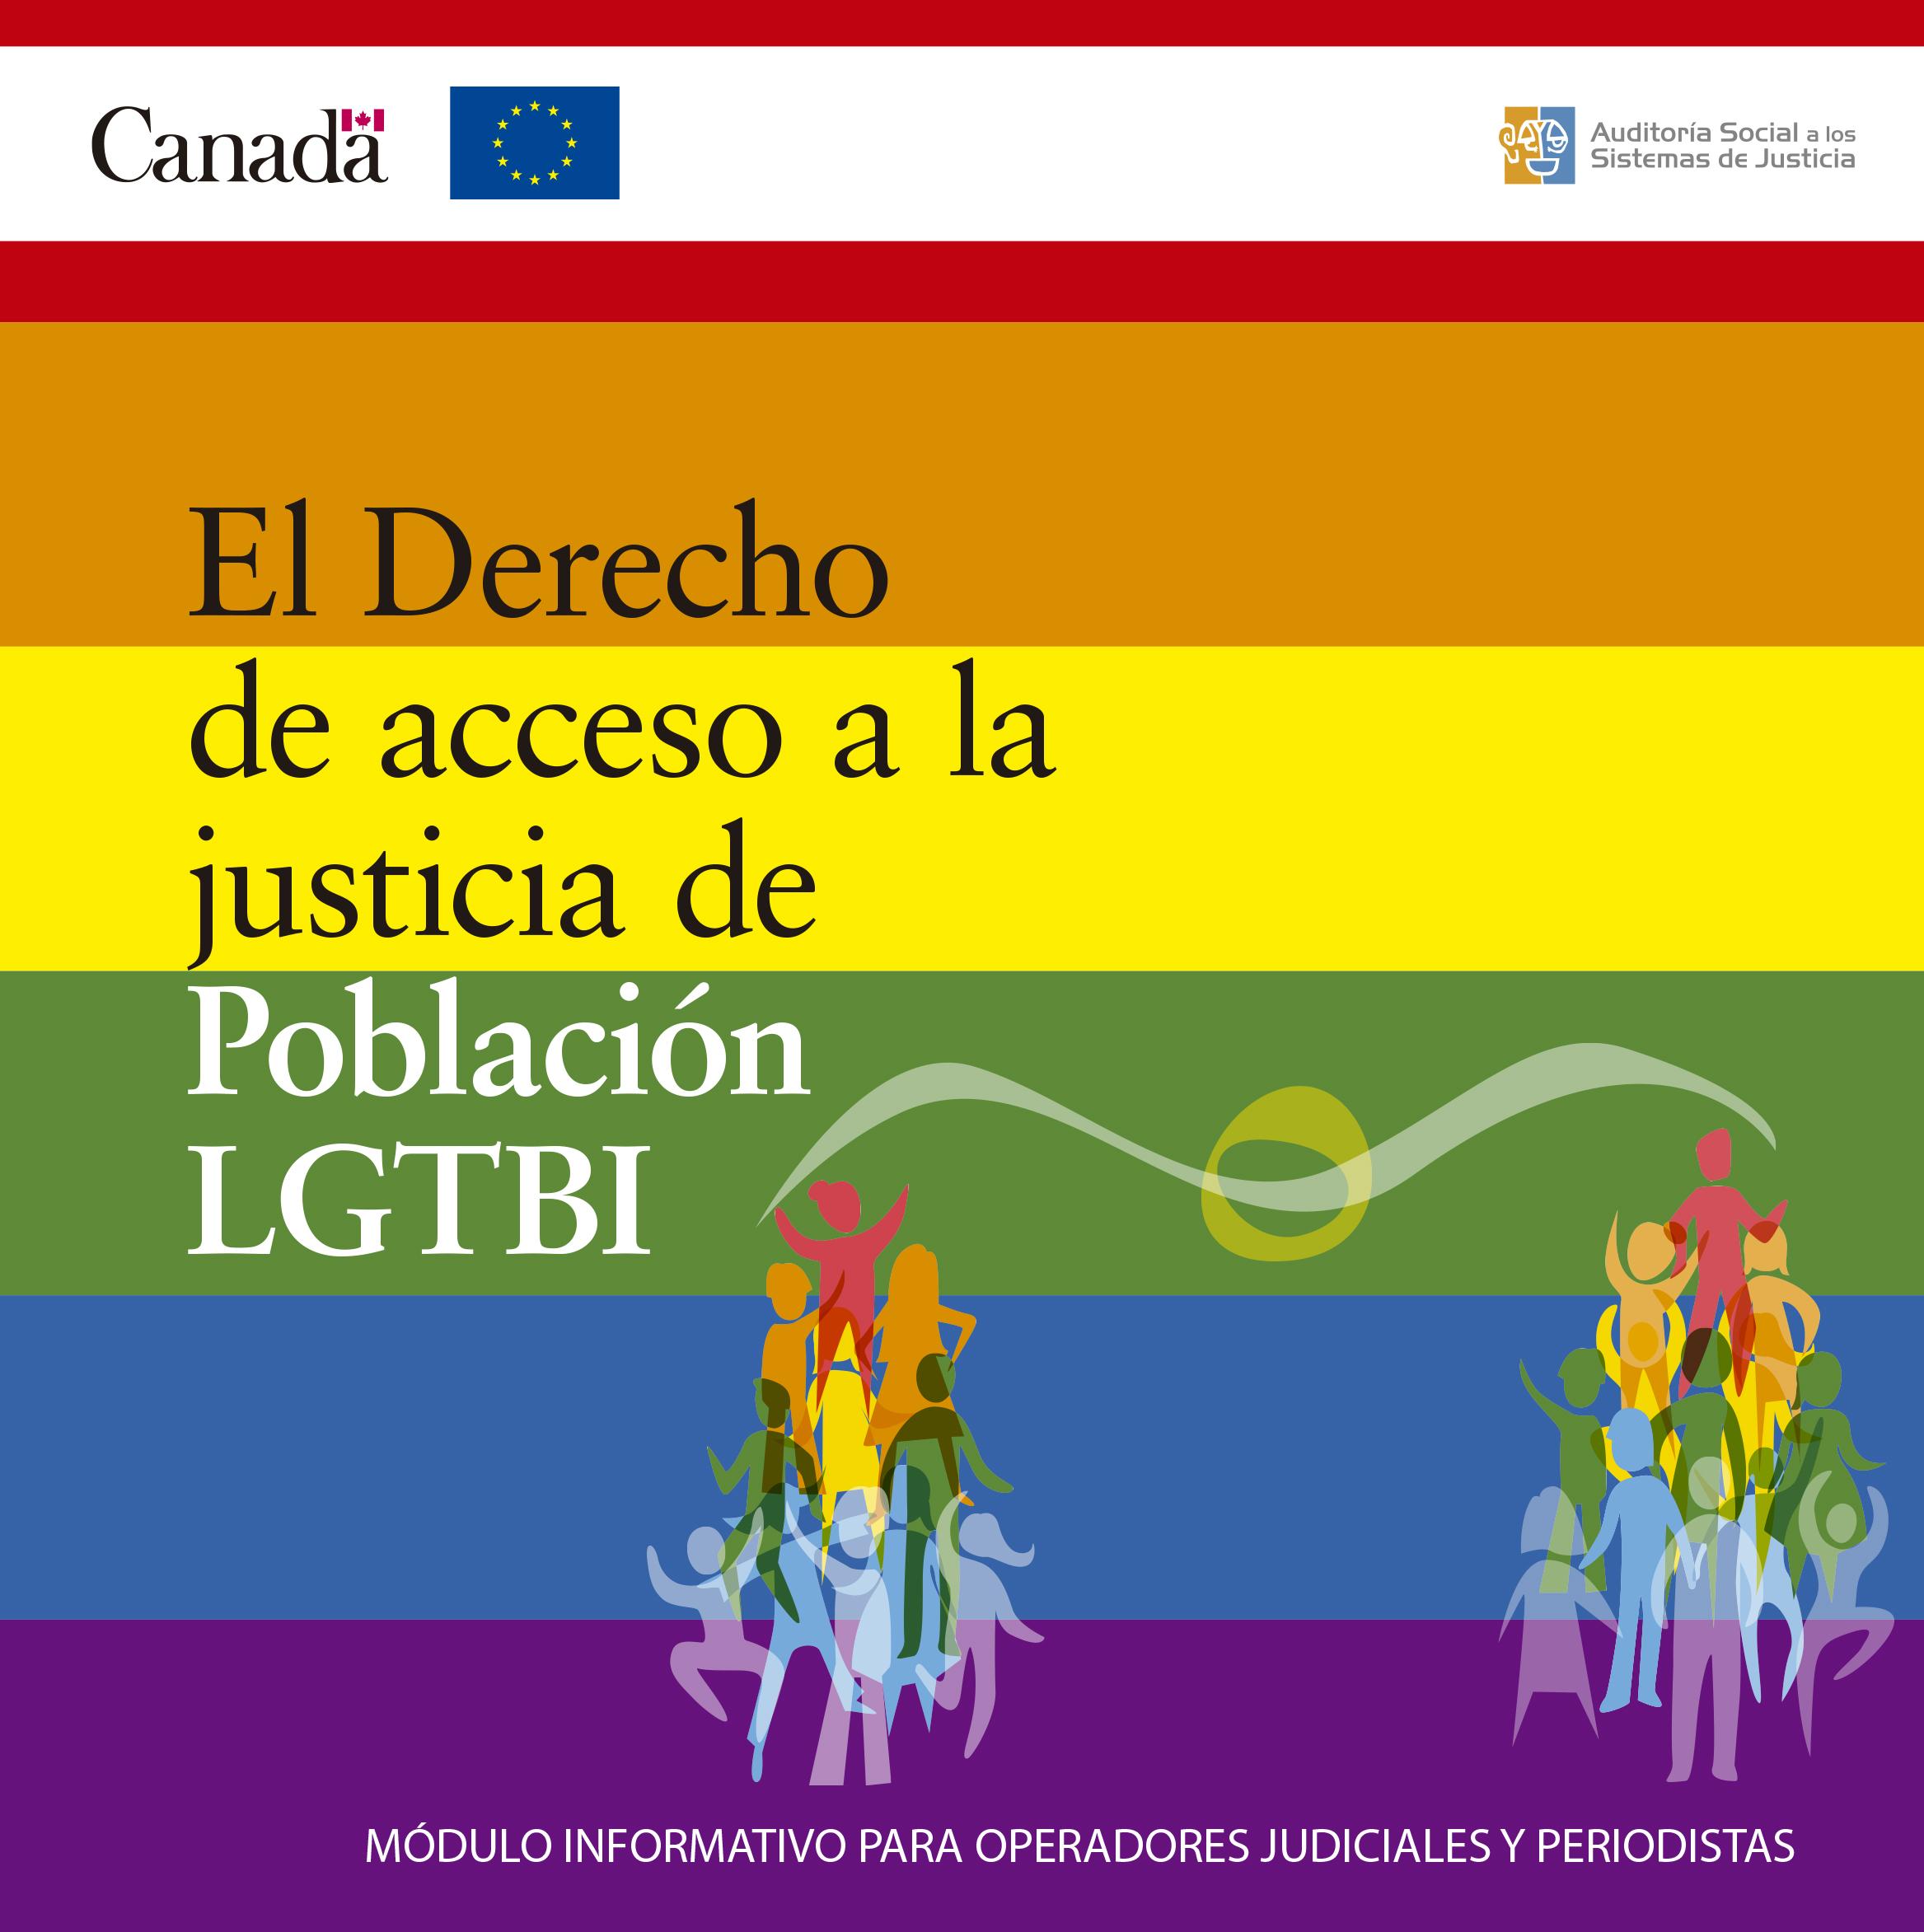 254845408-El-Drecho-de-acceso-a-la-justicia-de-poblacion-LGBTI-1